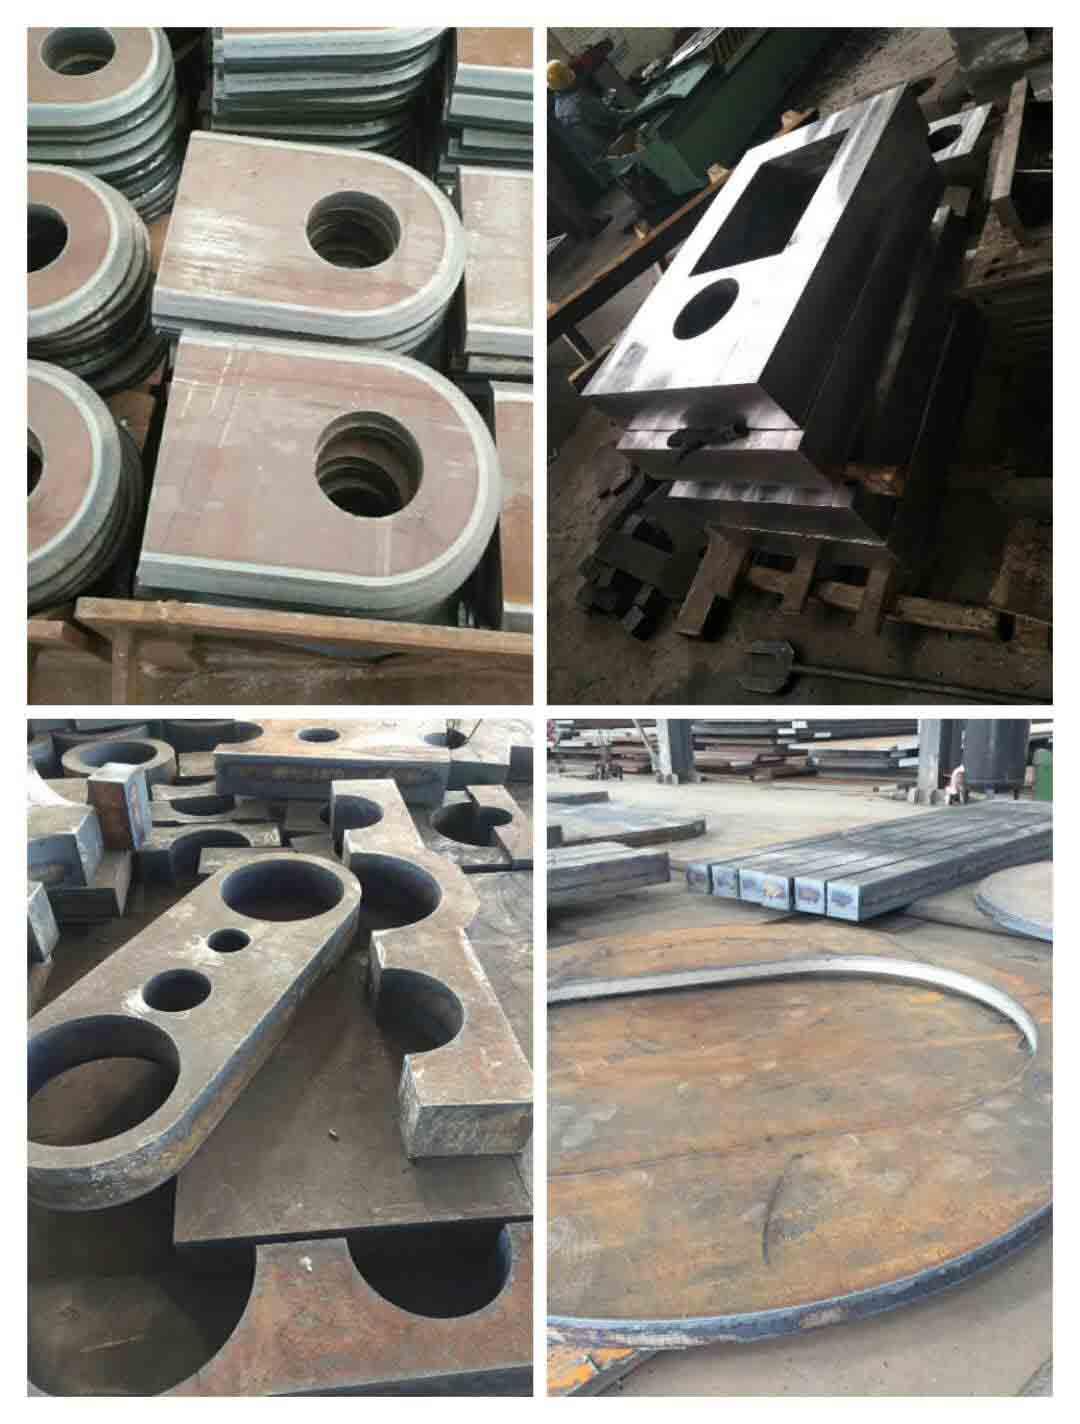 切割舞鋼厚軸承座 切割舞鋼法蘭盤 切割牌坊件 切割齒輪箱體